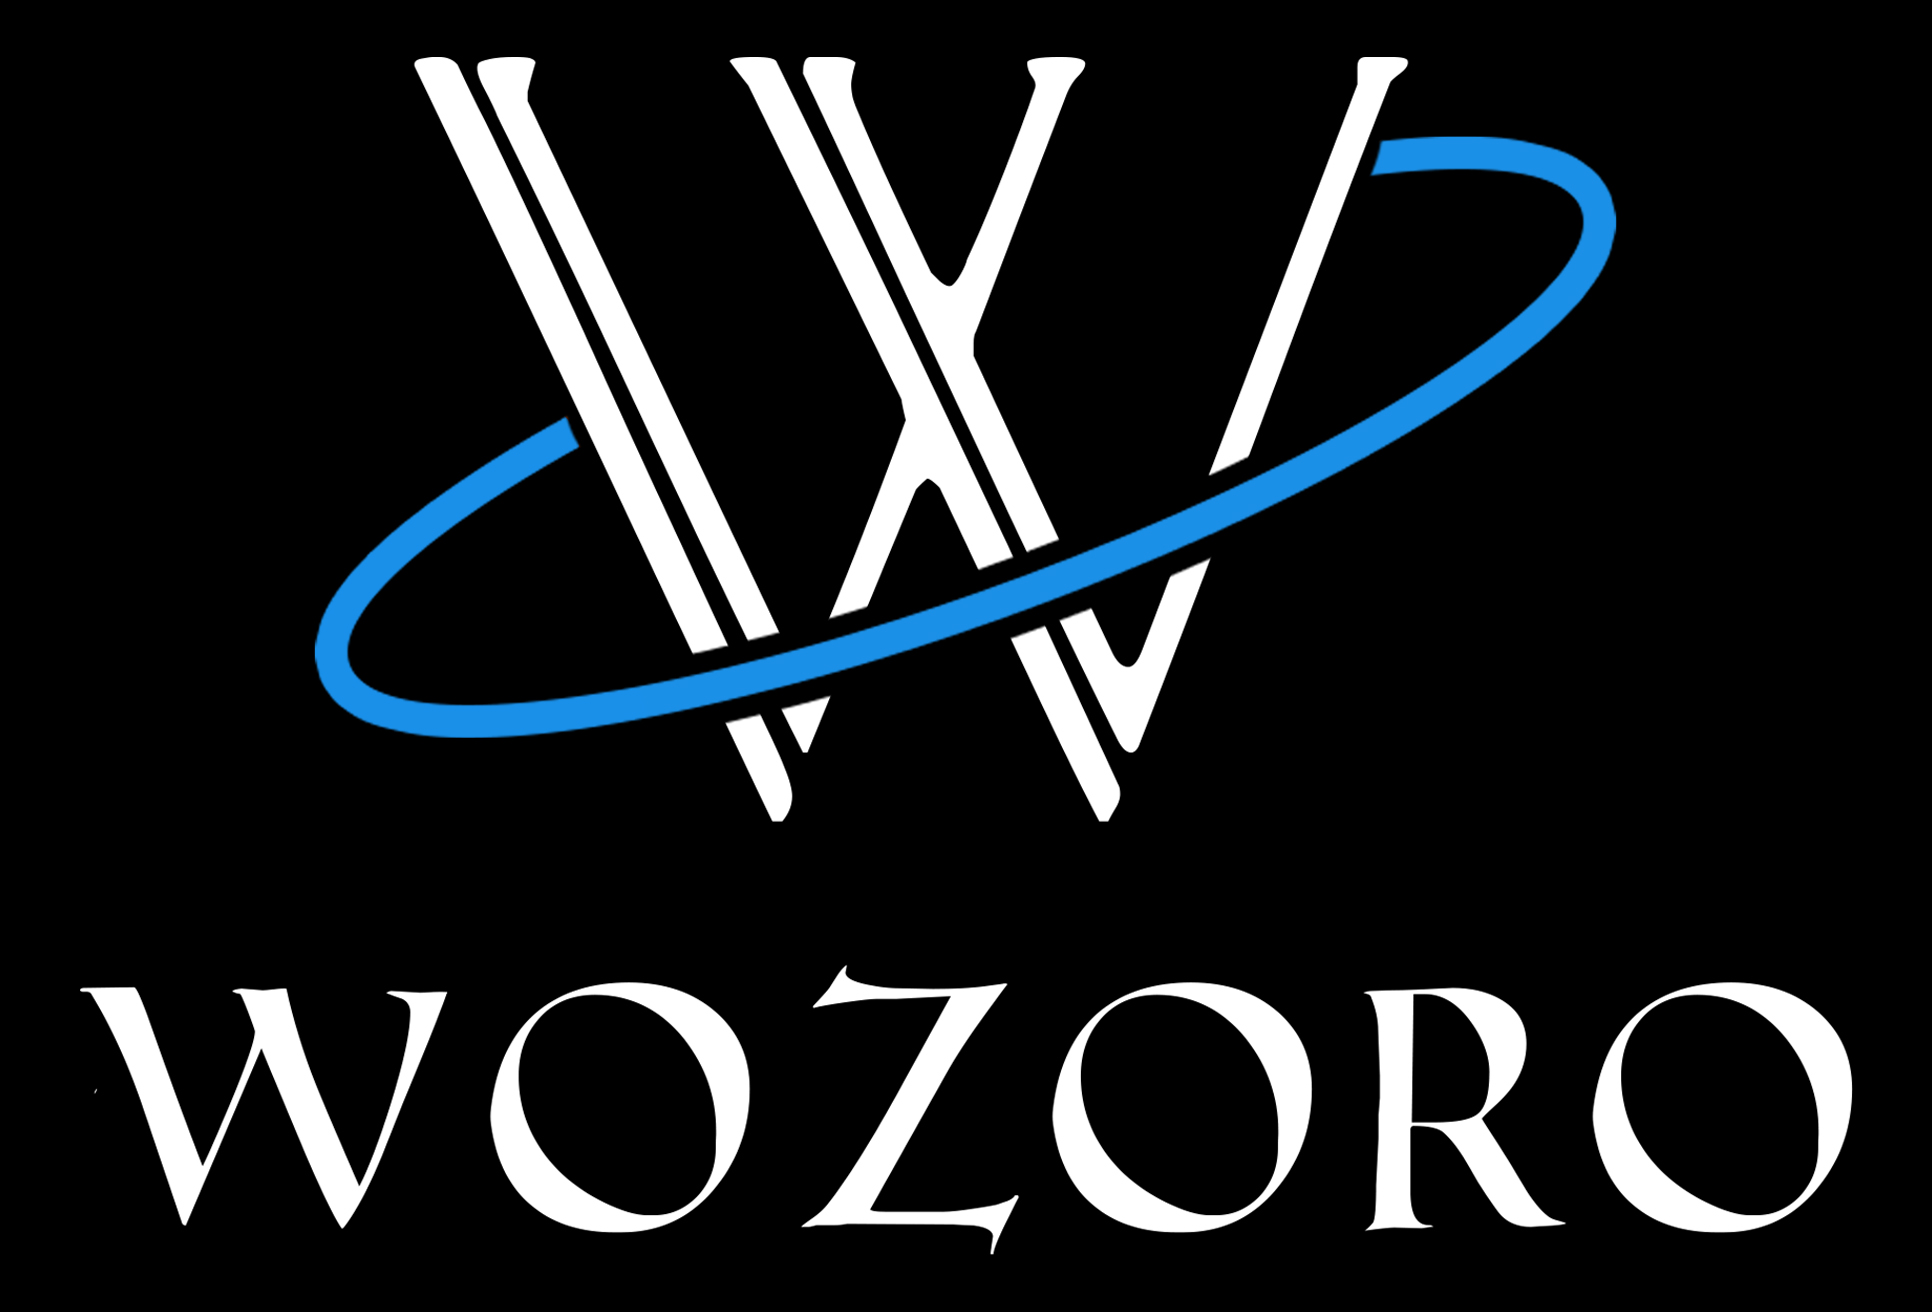 Wozoro